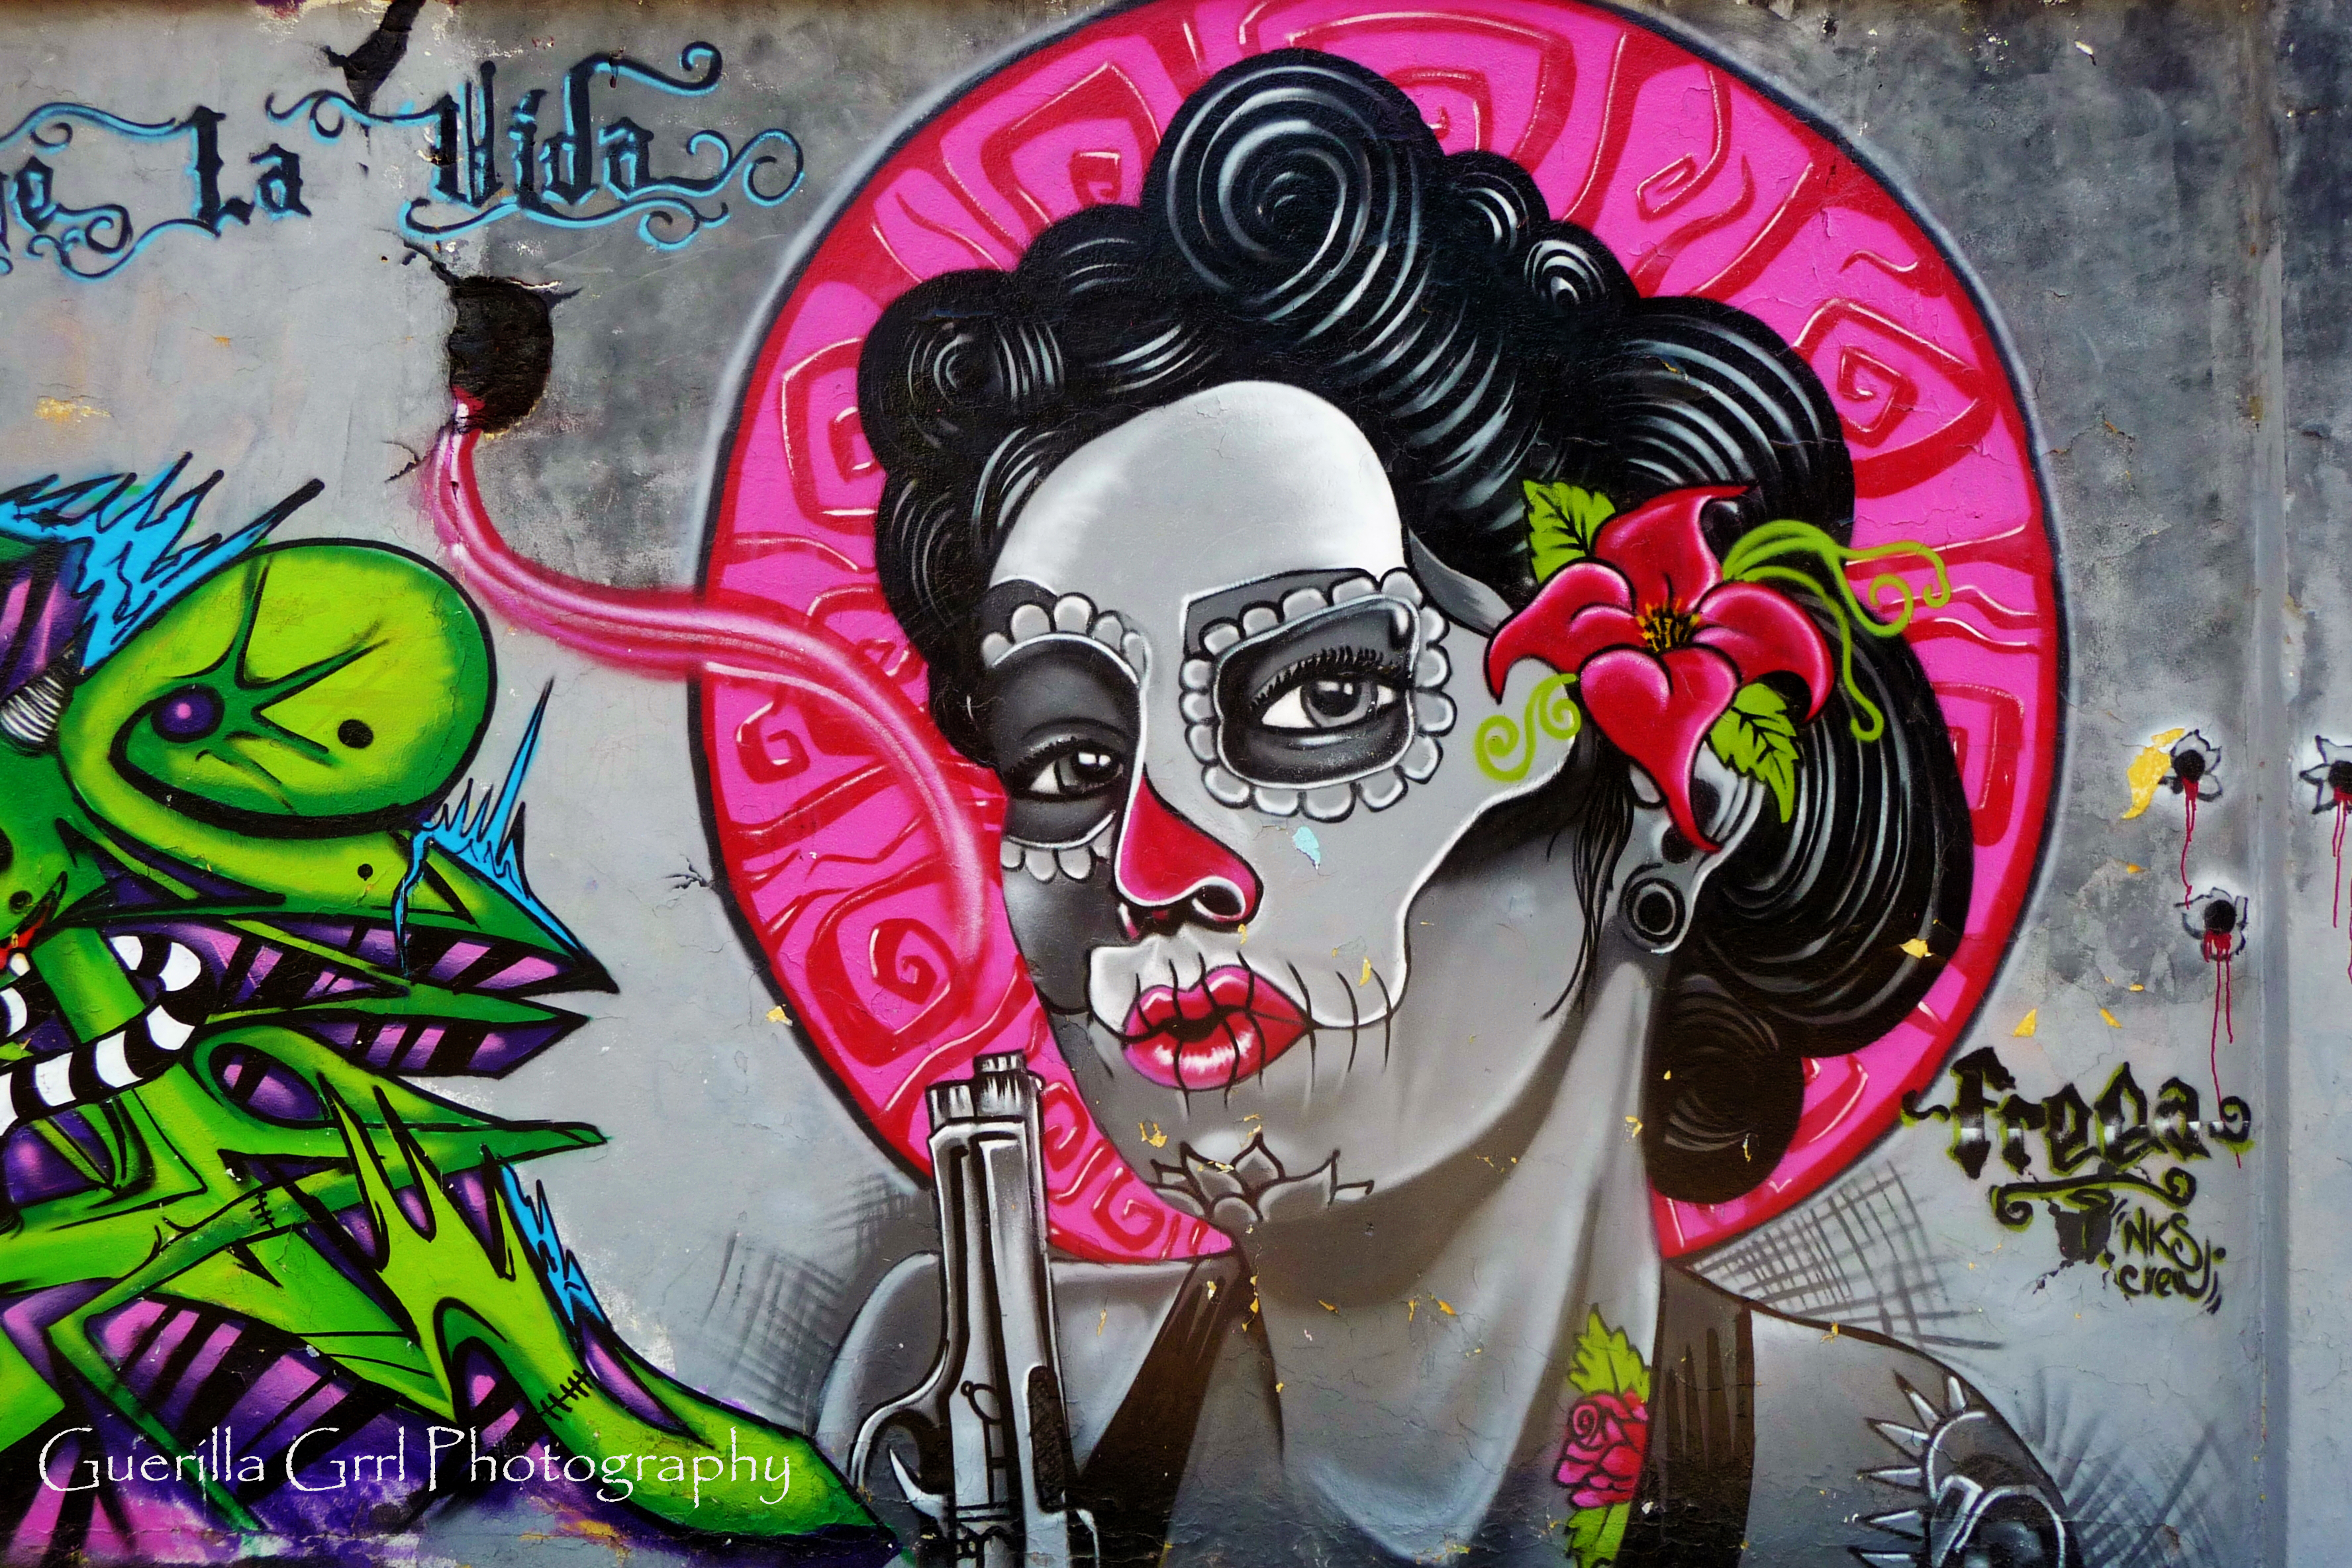 Day of the dead graffiti